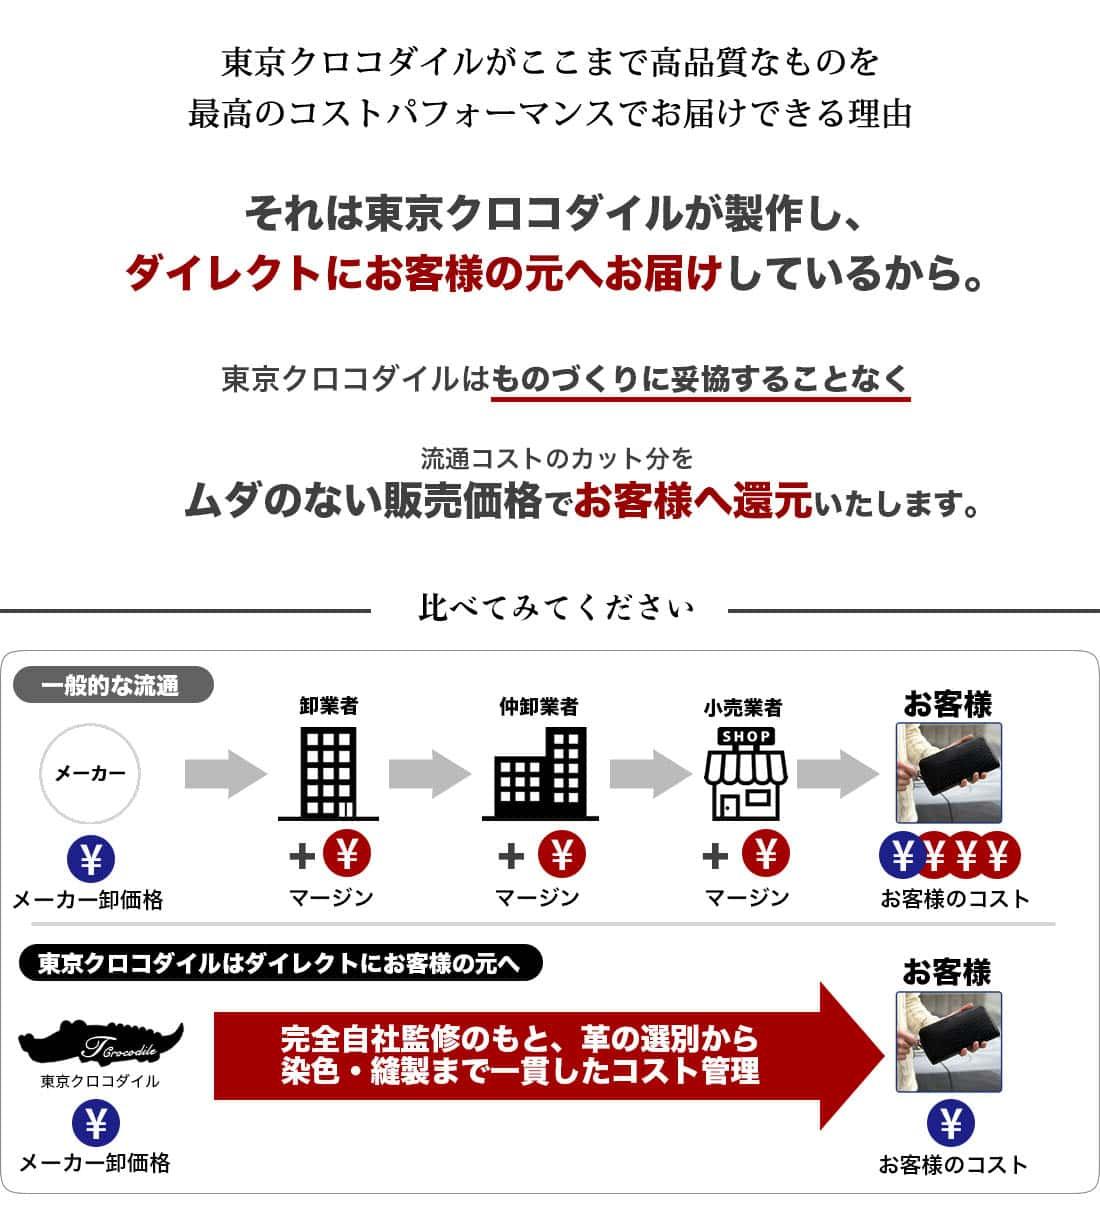 東京クロコダイルの価格の秘密